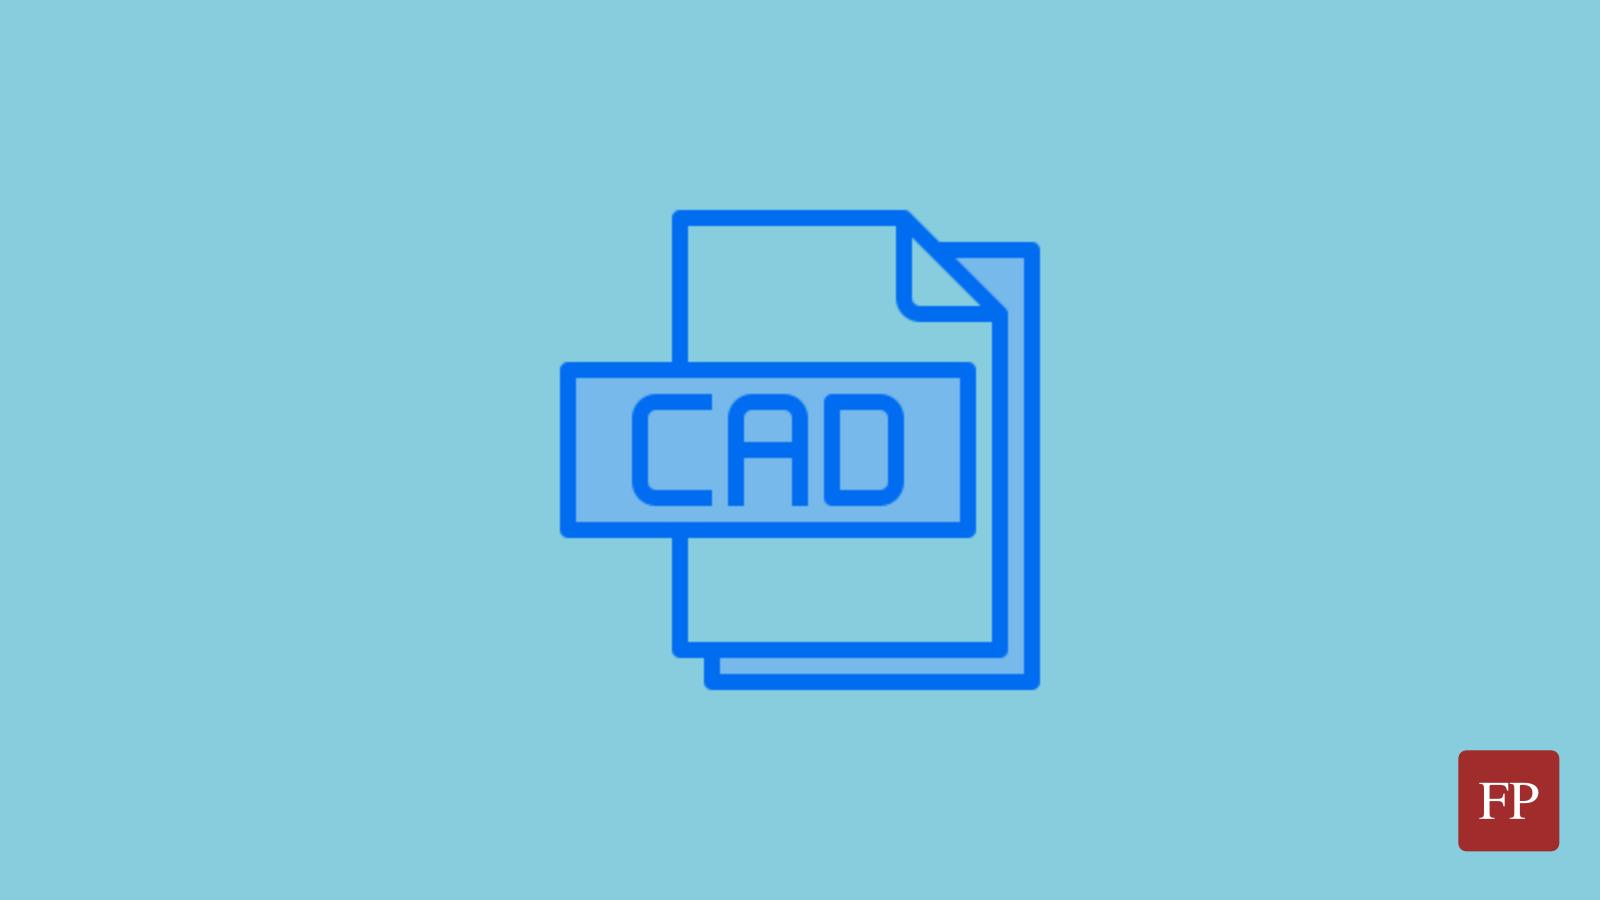 open source cad program 67 October 11, 2020